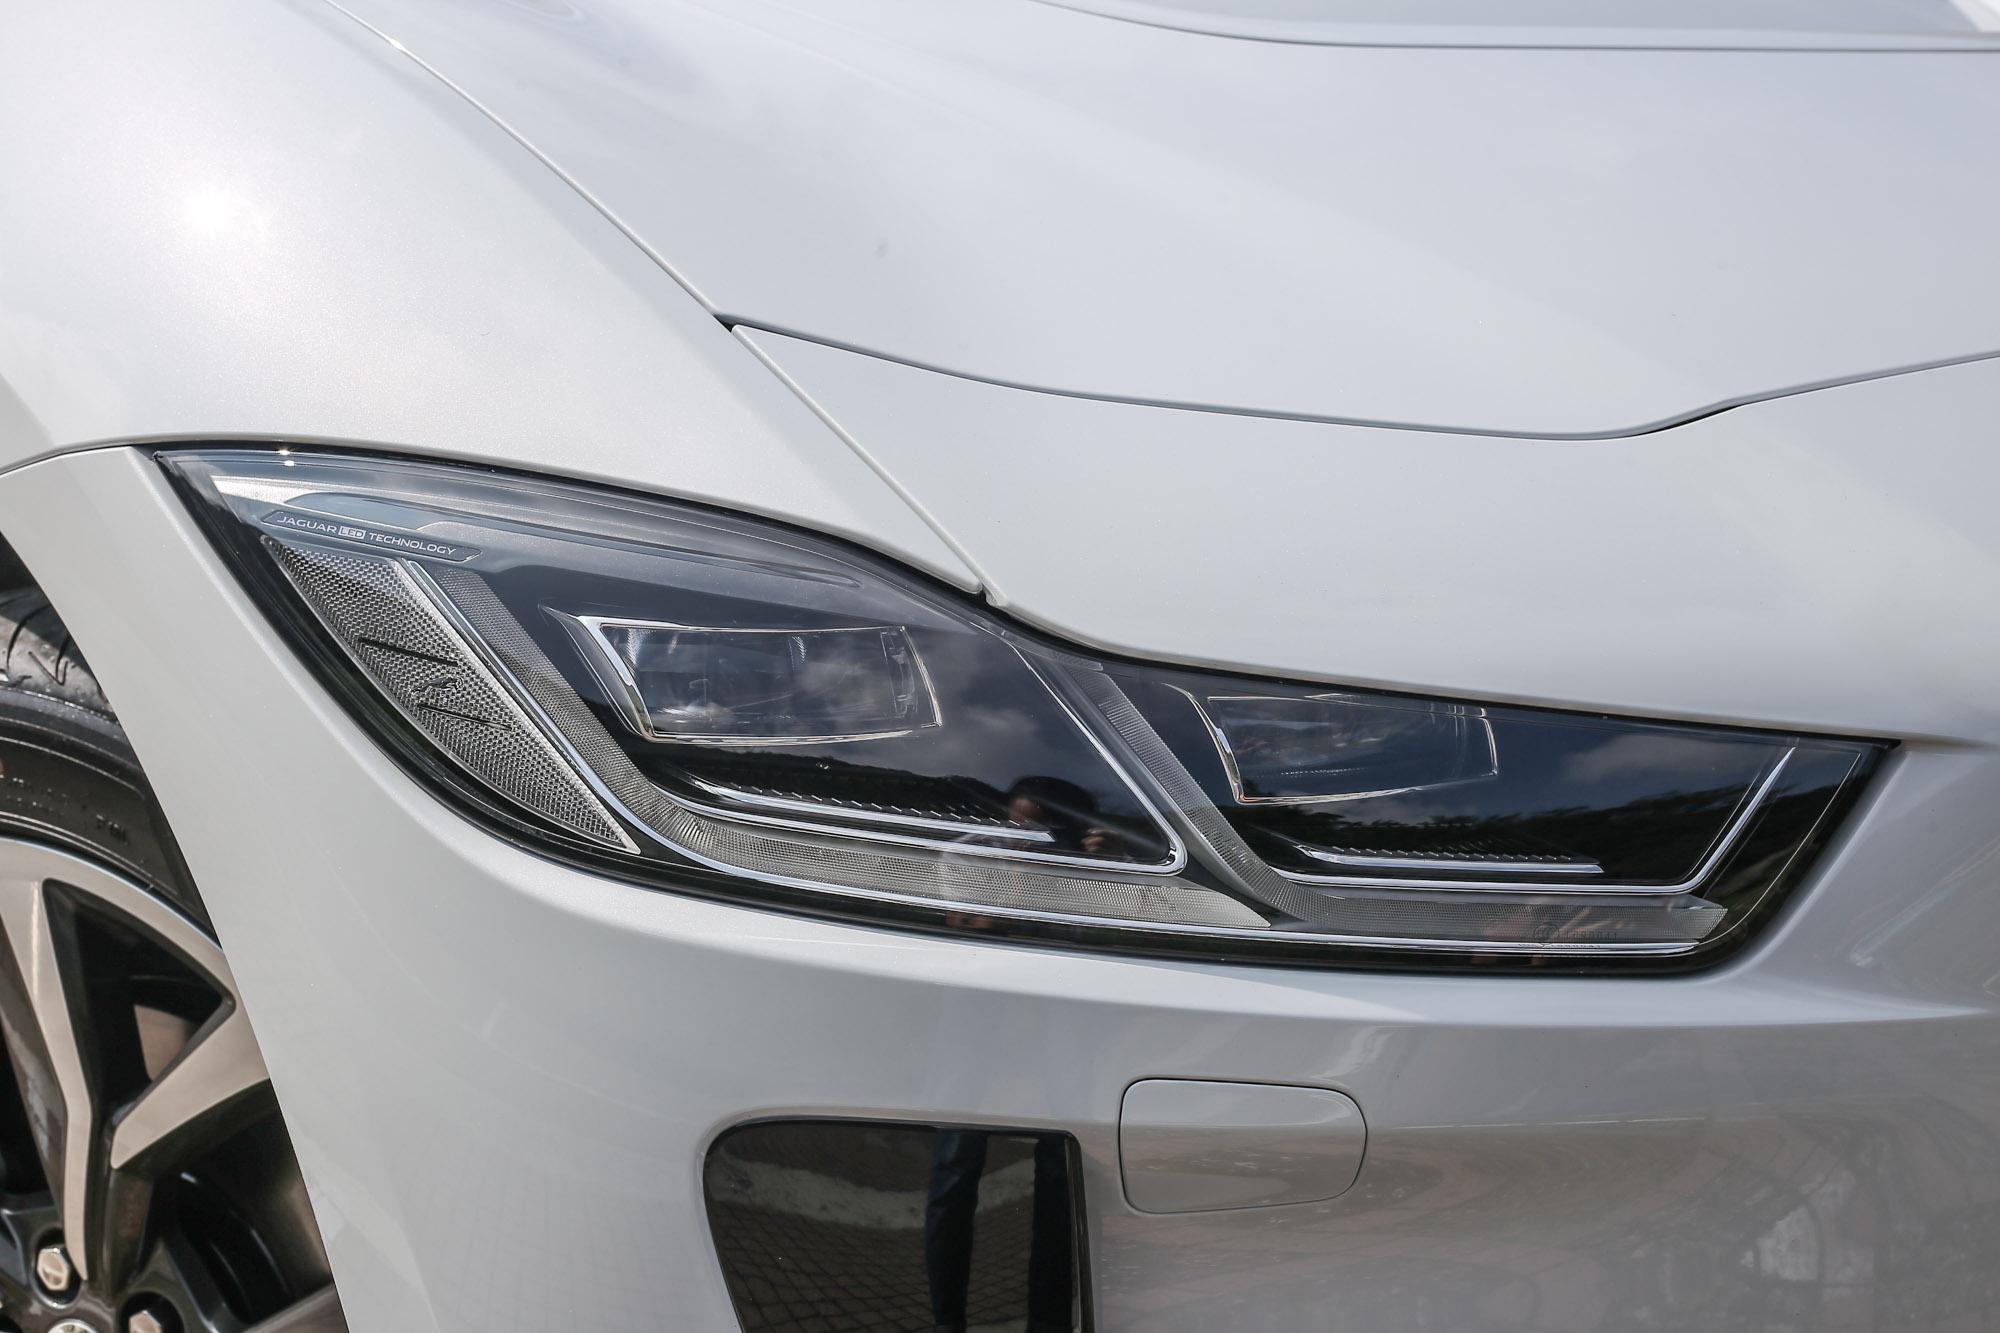 配備主動型矩陣式 LED 頭燈選項,能持續投射遠光,同時自動調整光束形狀,以避免干擾對向來車視線。